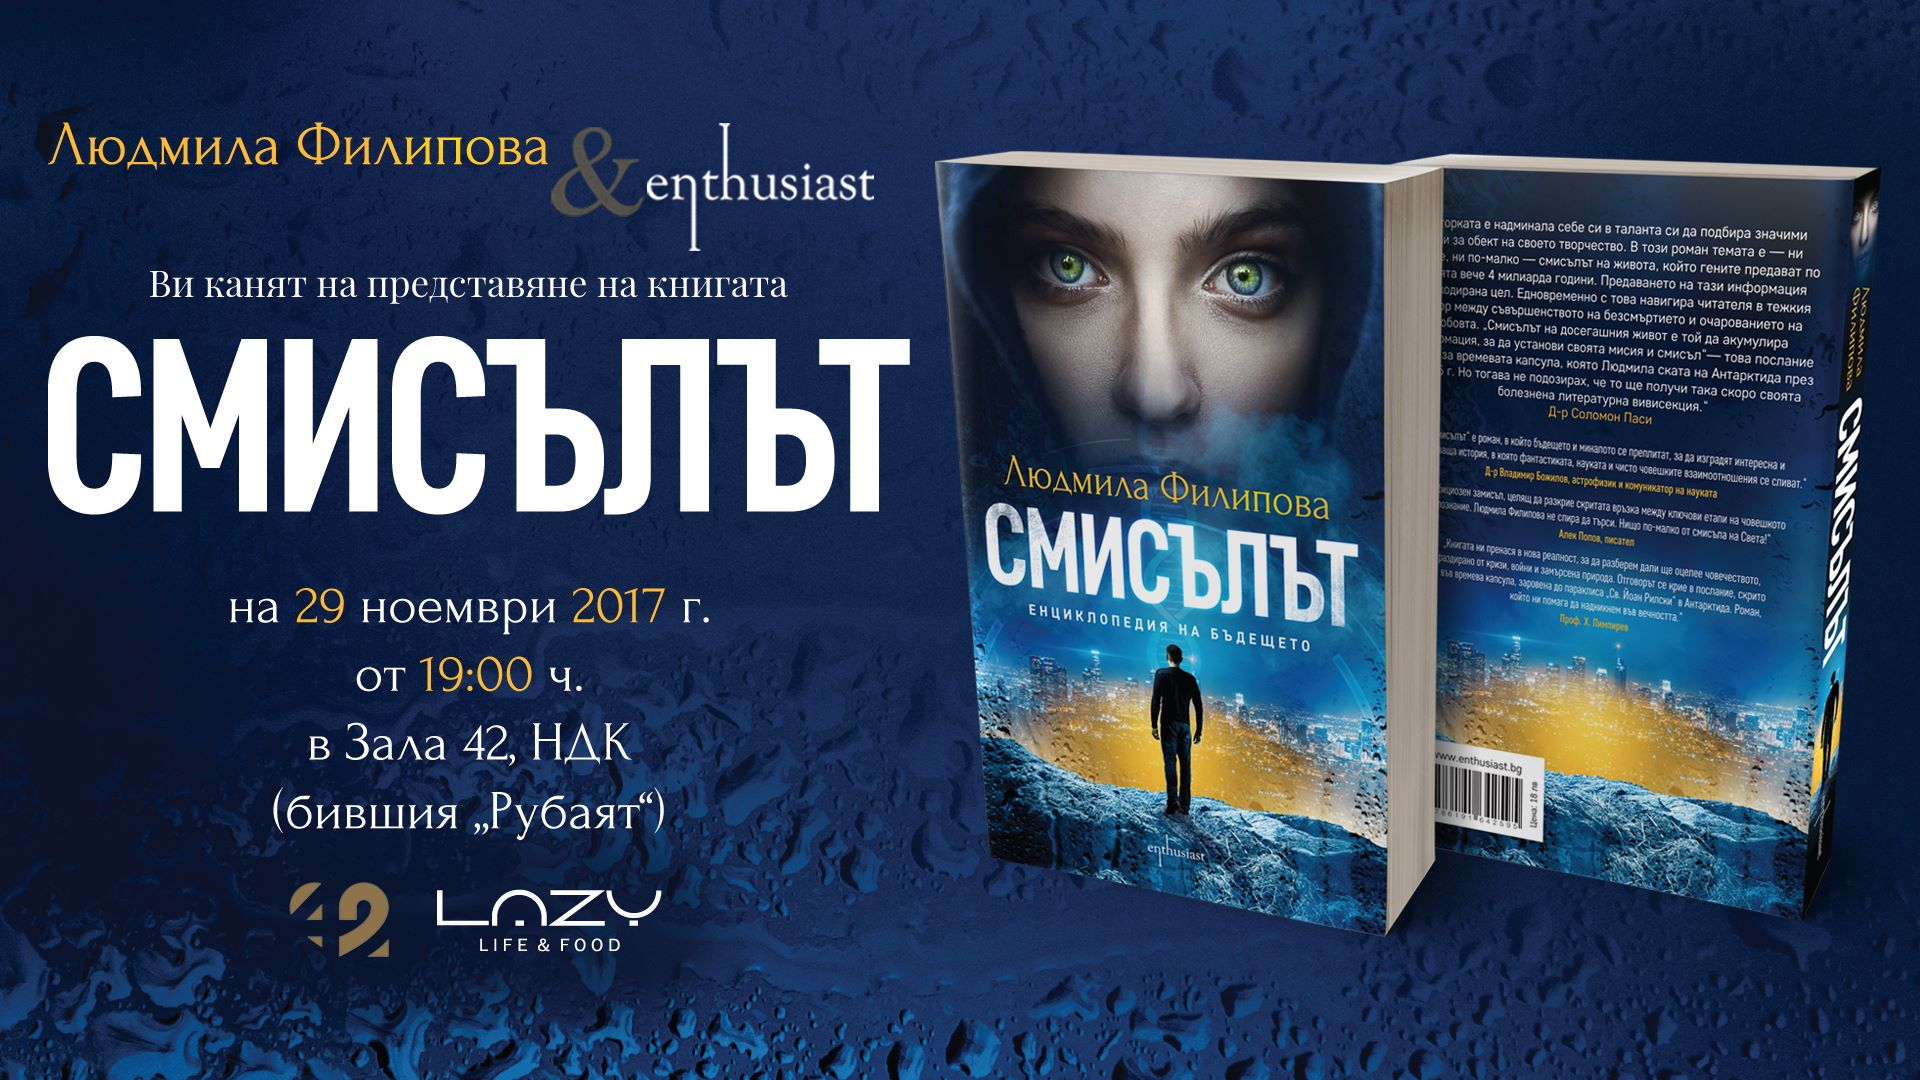 """Представяне на """"Смисълът"""" от Людмила Филипова"""